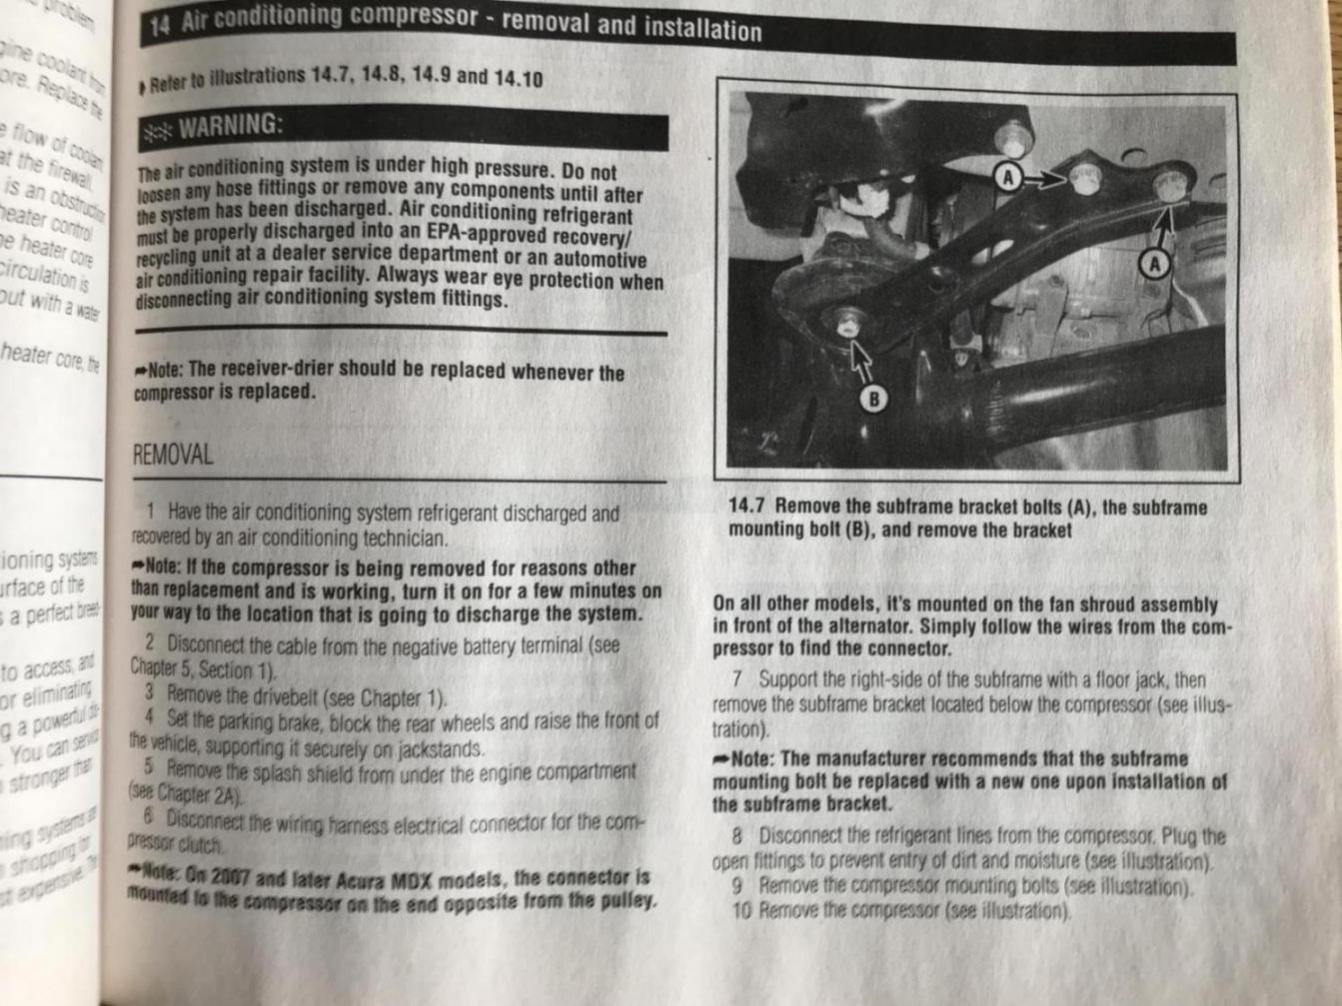 03 DIY compressor replacement guide?   Honda Pilot - Honda